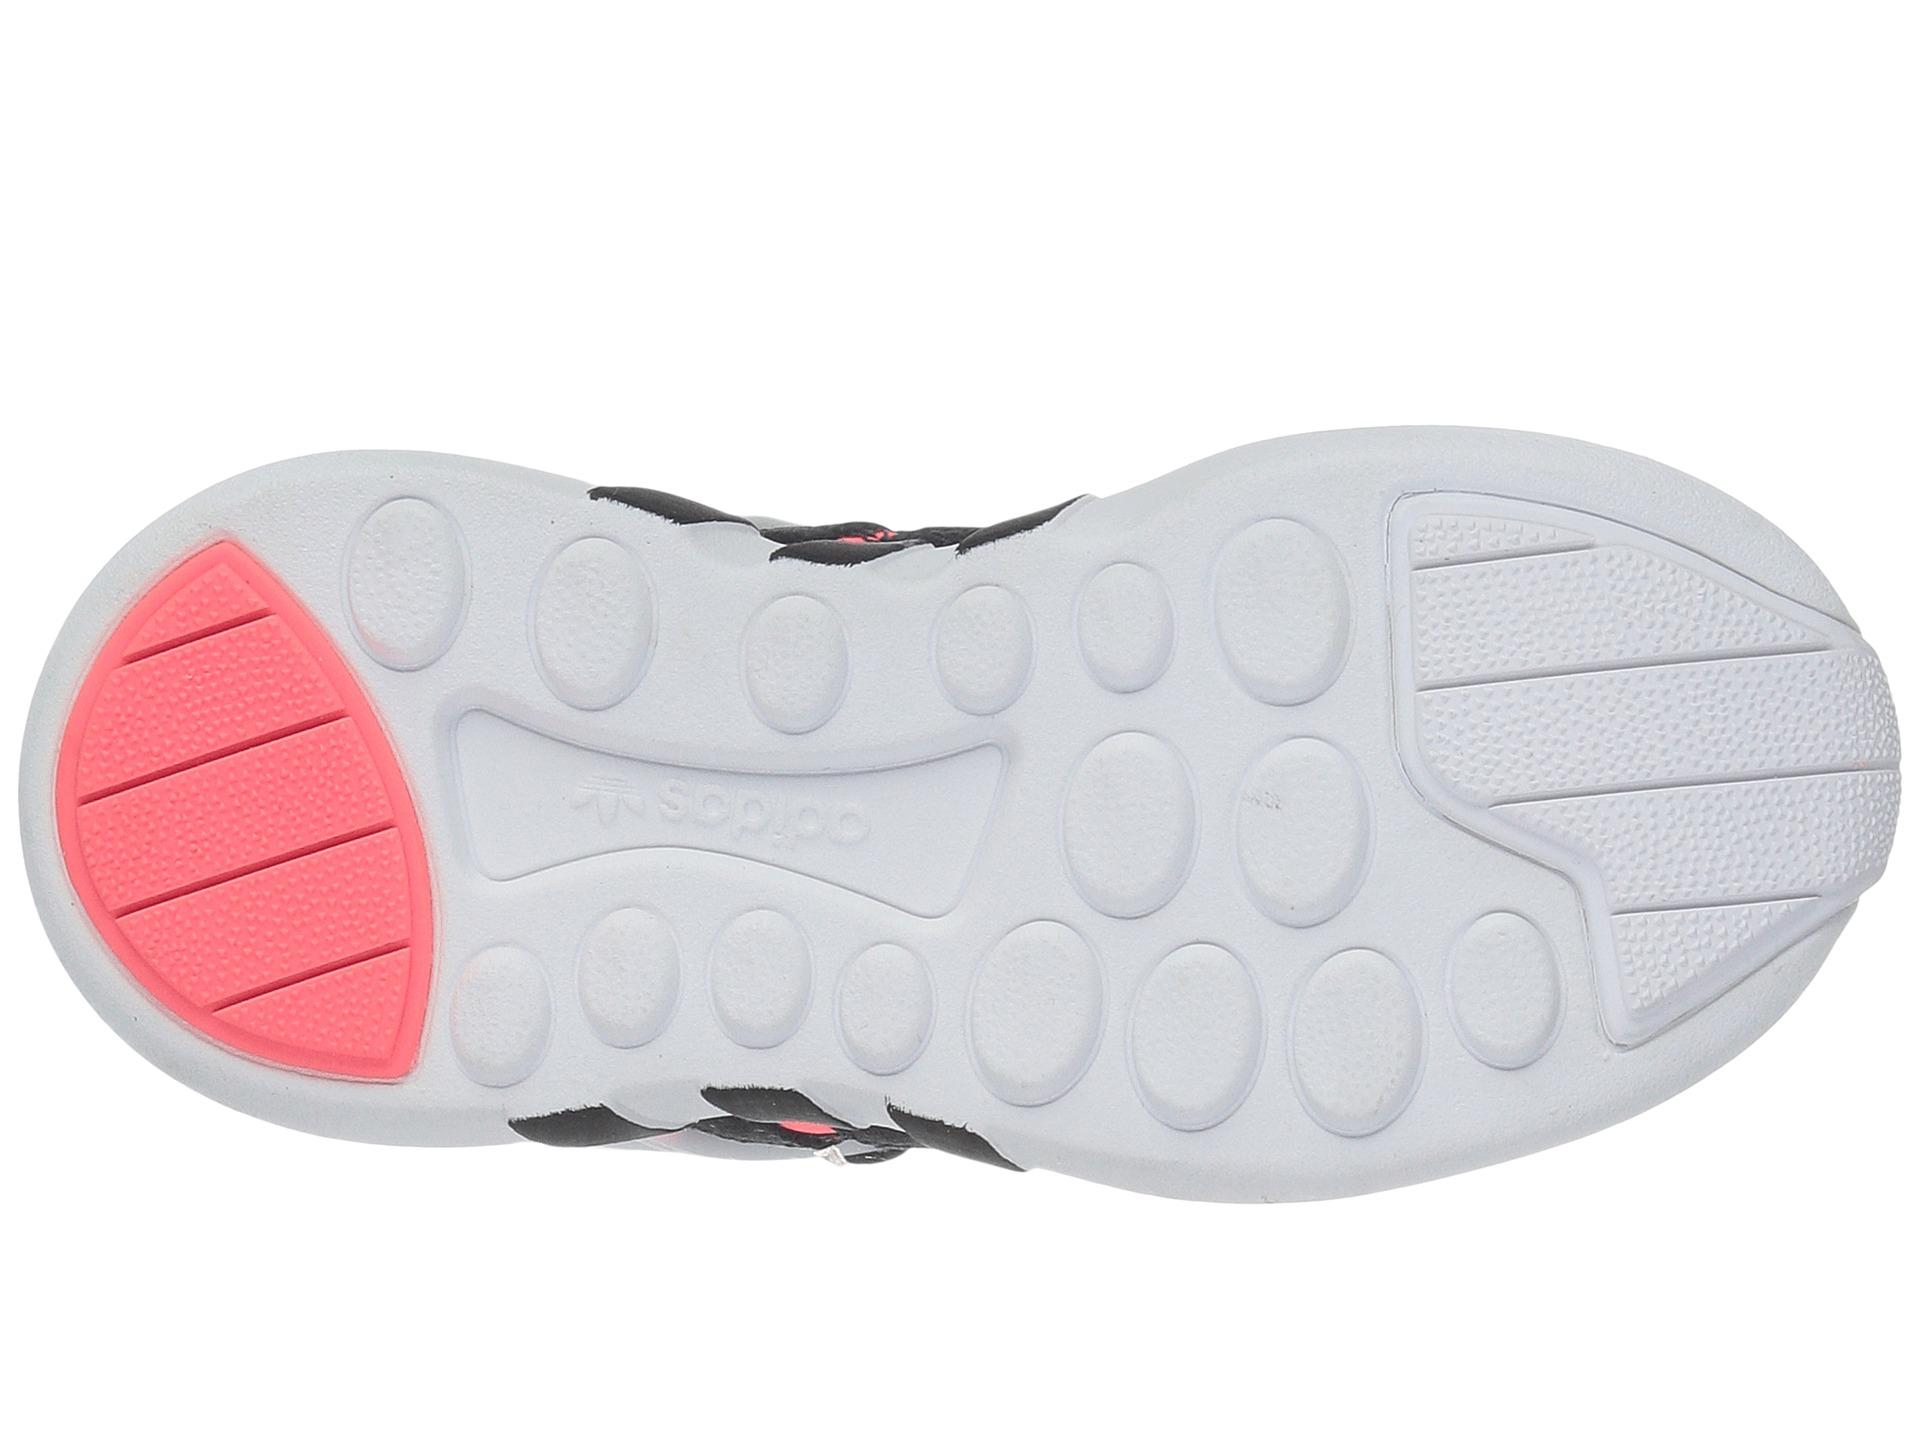 Adidas Eqt Bambini Di Scarpe Rosa Un Paio Di Bambini Scarpe Online e0f5d5